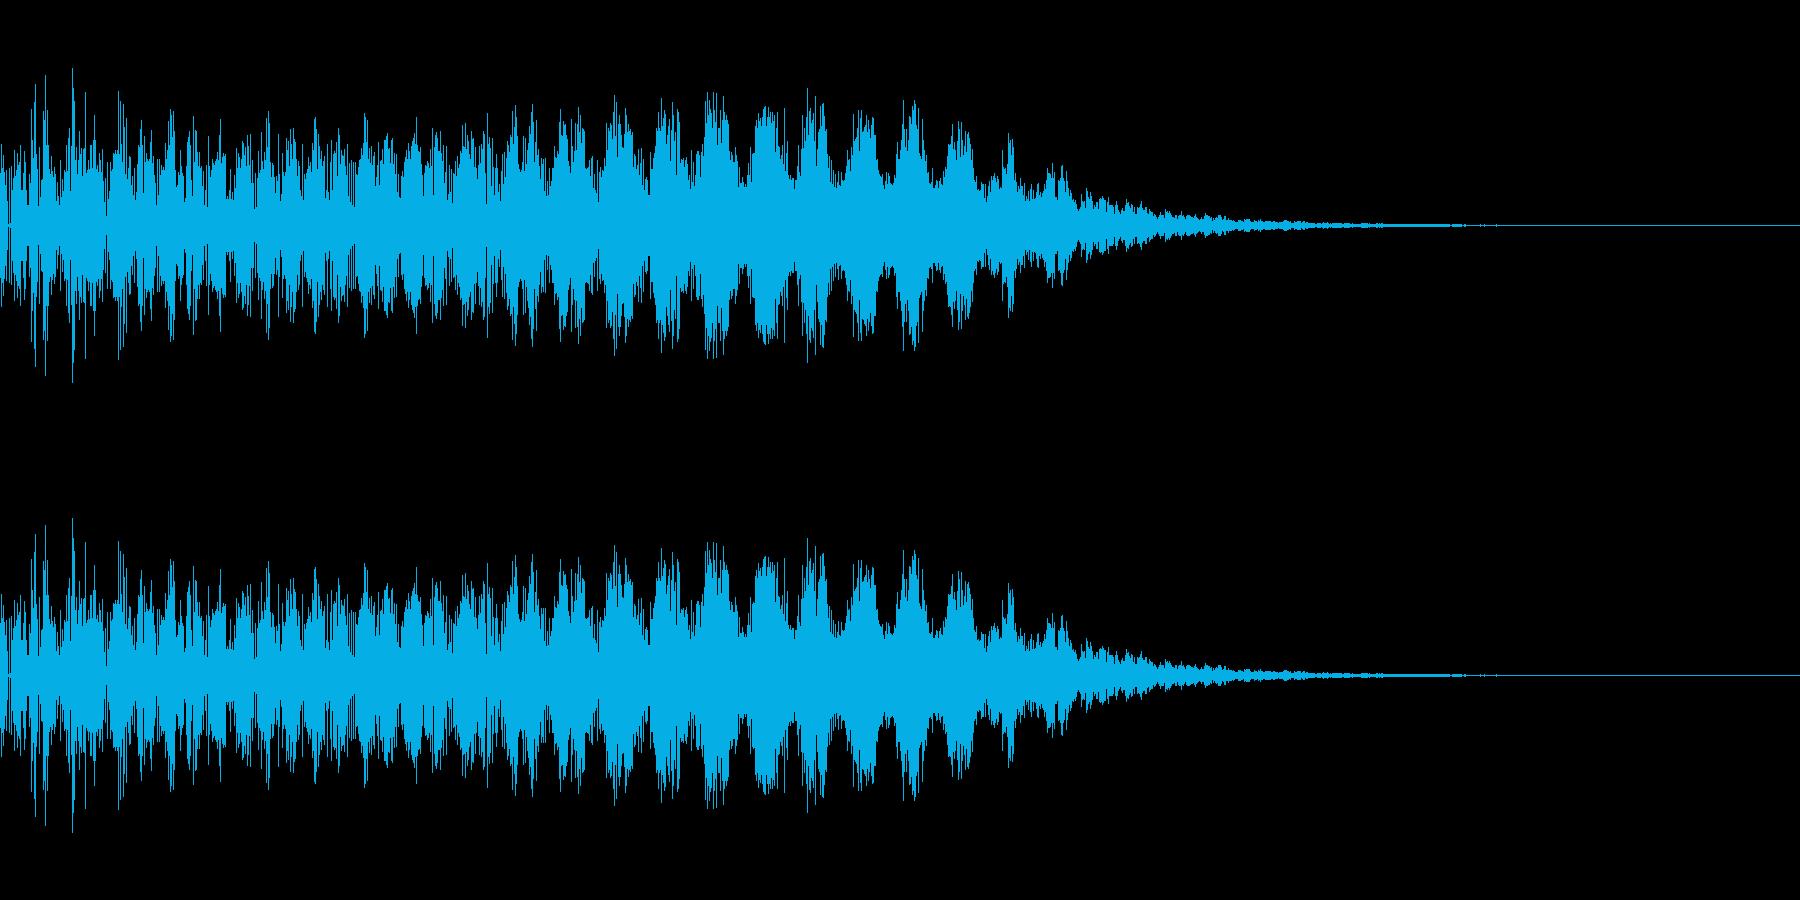 レーザー発射(SF/宇宙/光線)の再生済みの波形